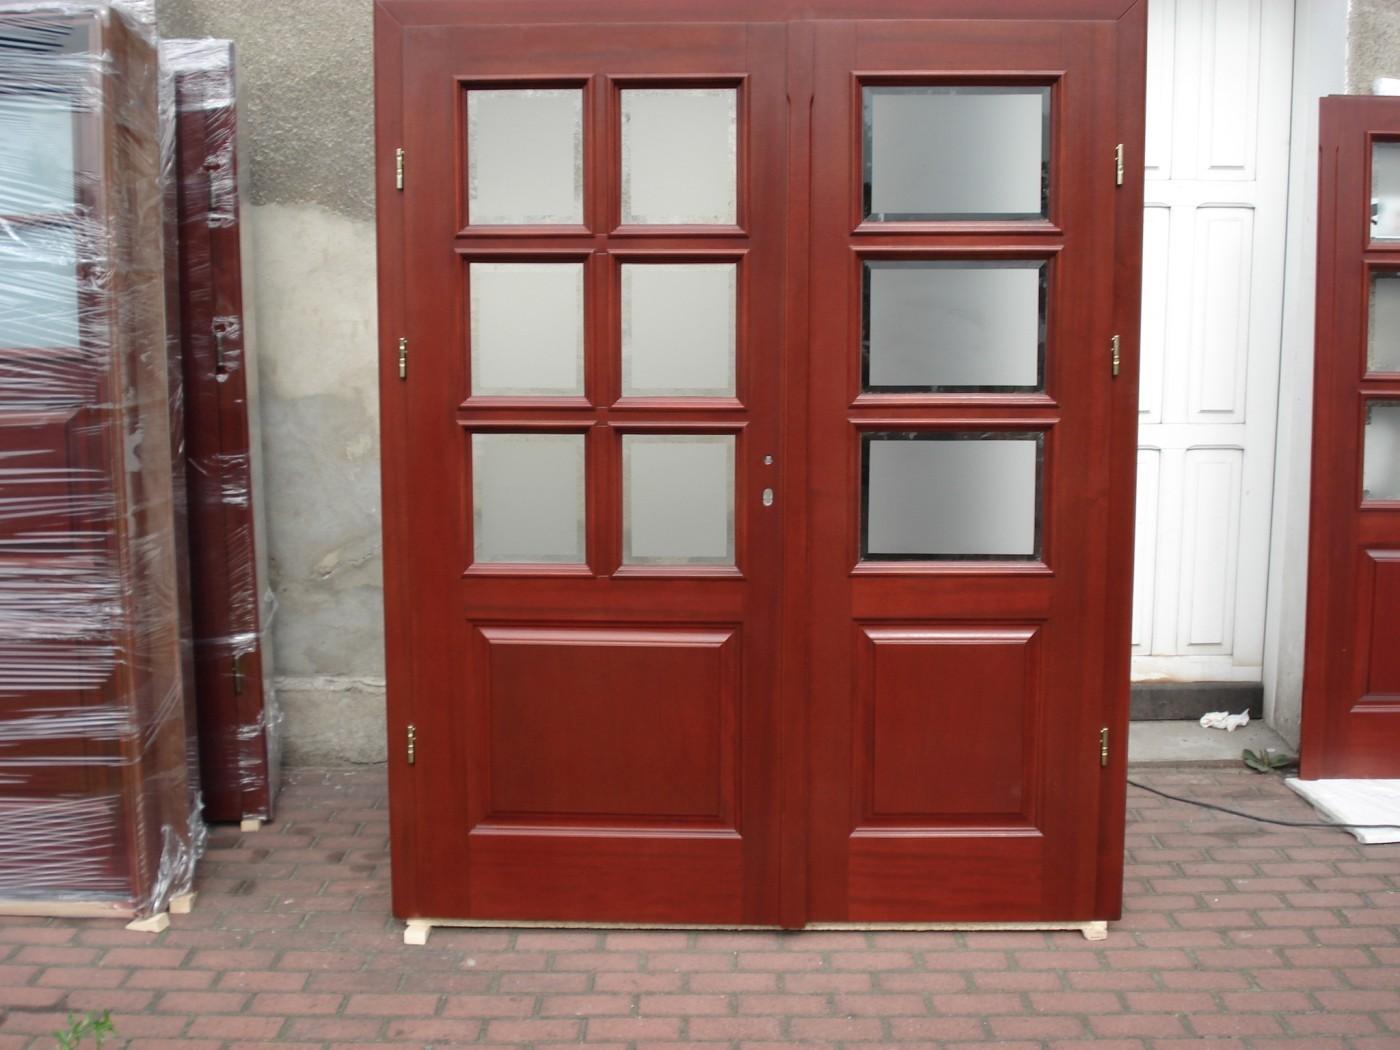 Krzemowski - woodwork manufacturer - External wooden doors on